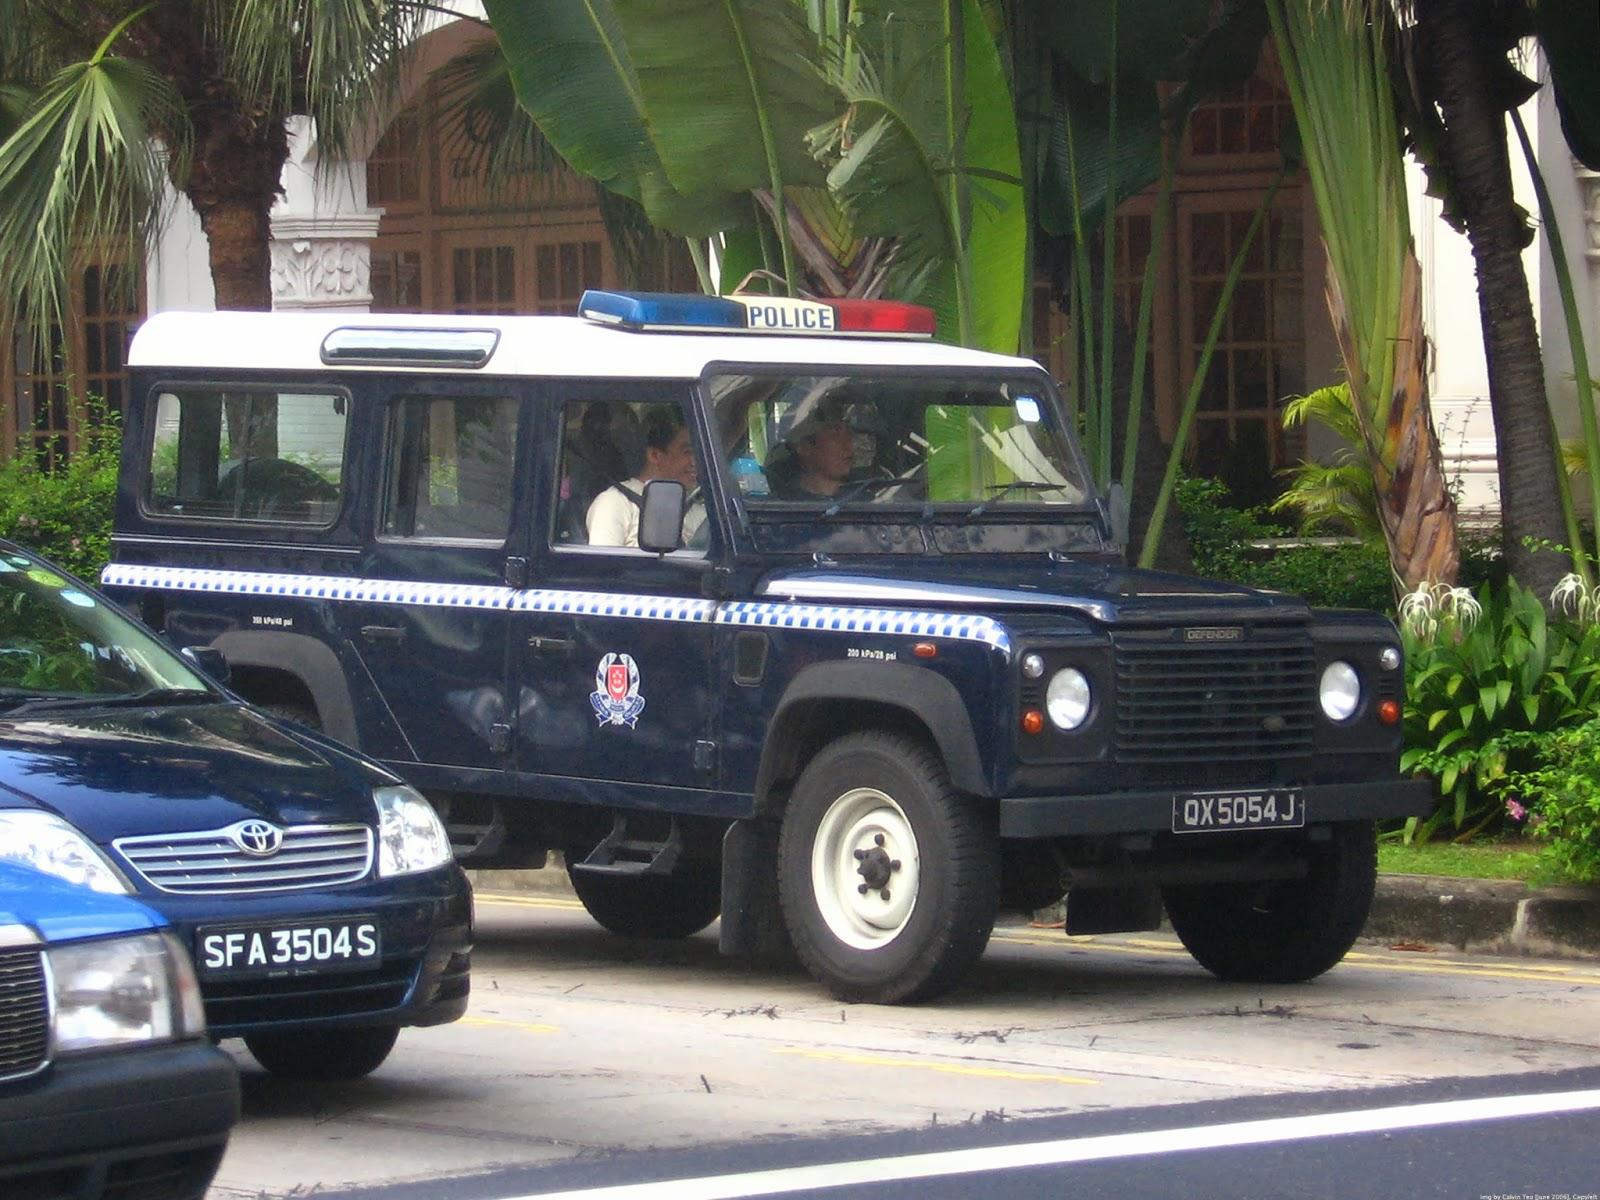 Singapore Police Car Models Land Rover Defender Lwb 110